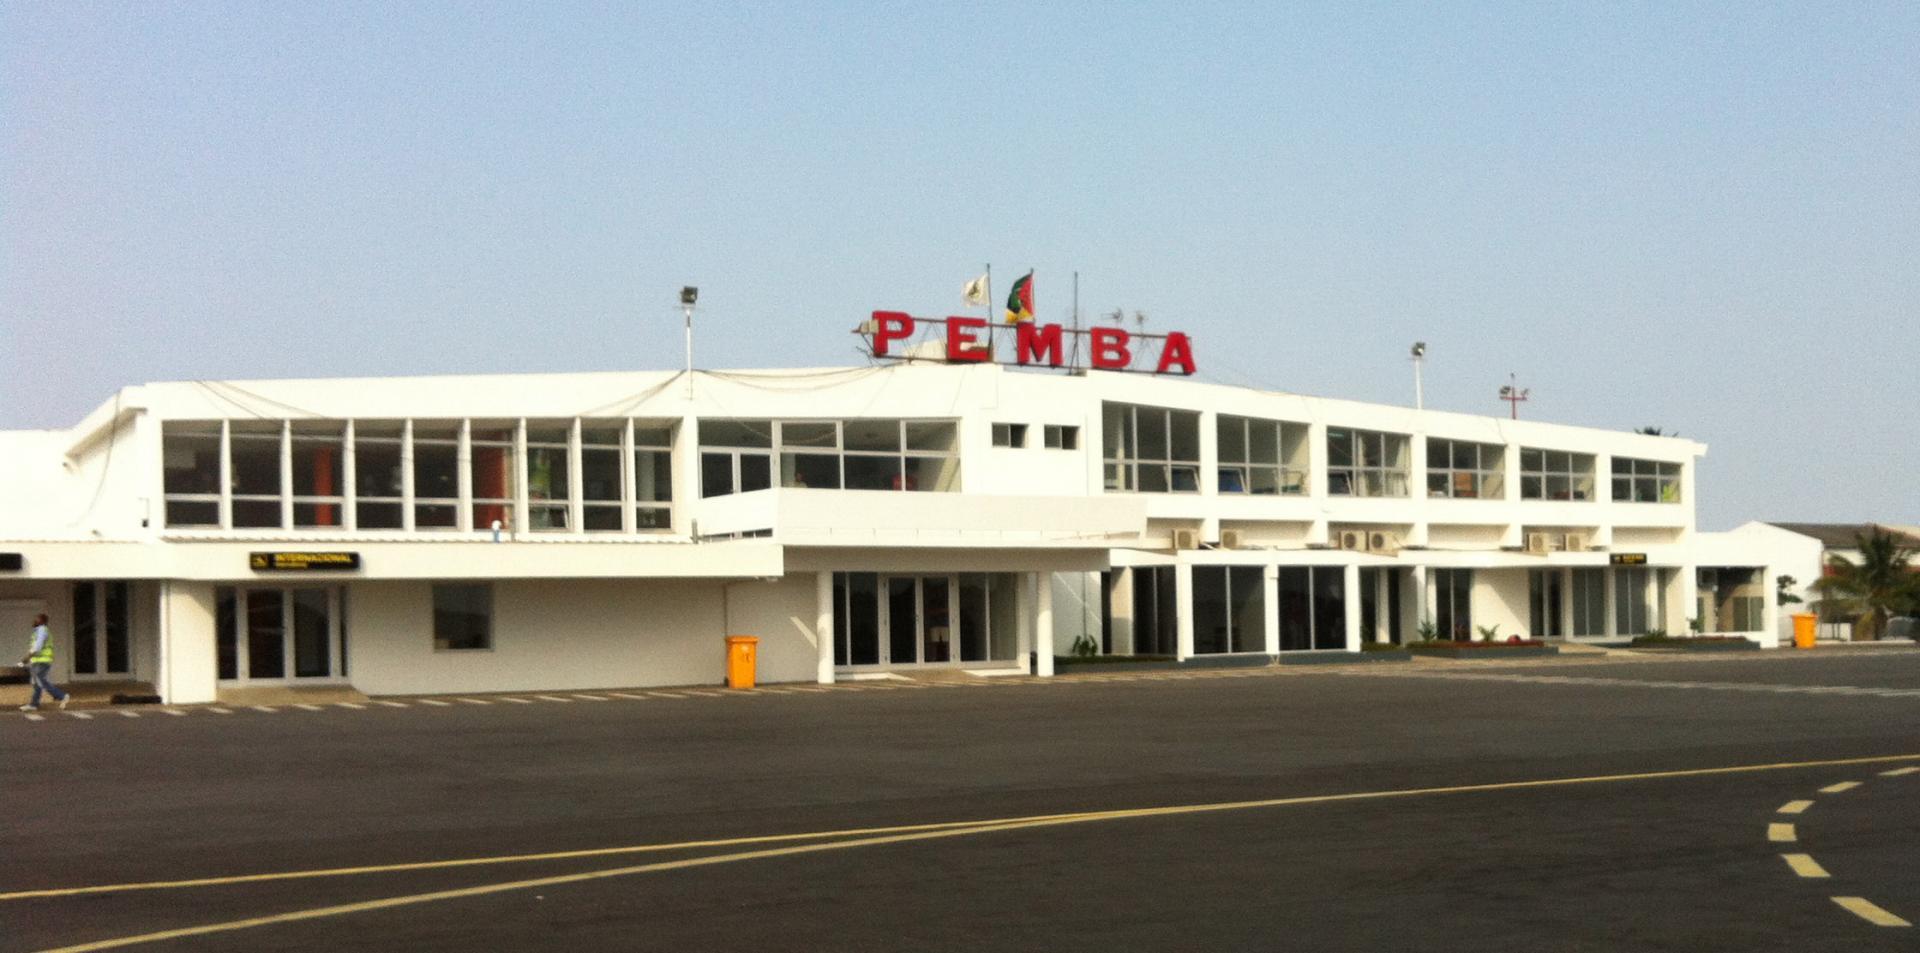 Plusieurs aéroports du Mozambique sont utilisés pour l'exportation illégale de ressources, selon un média